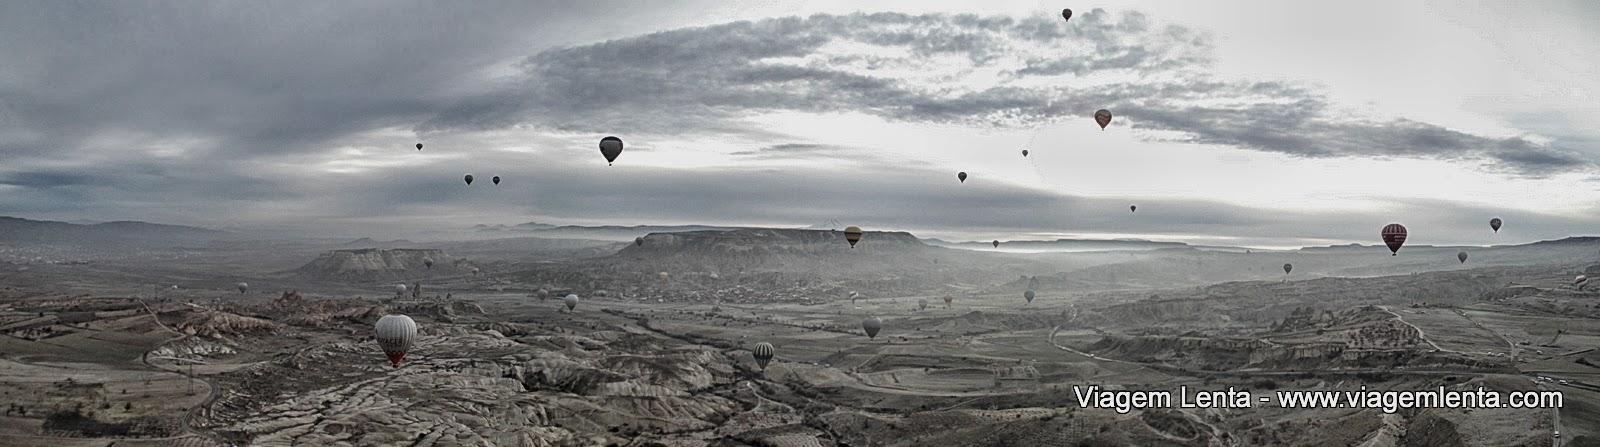 Inúmeras viagens lentas no horizonte da Capadócia